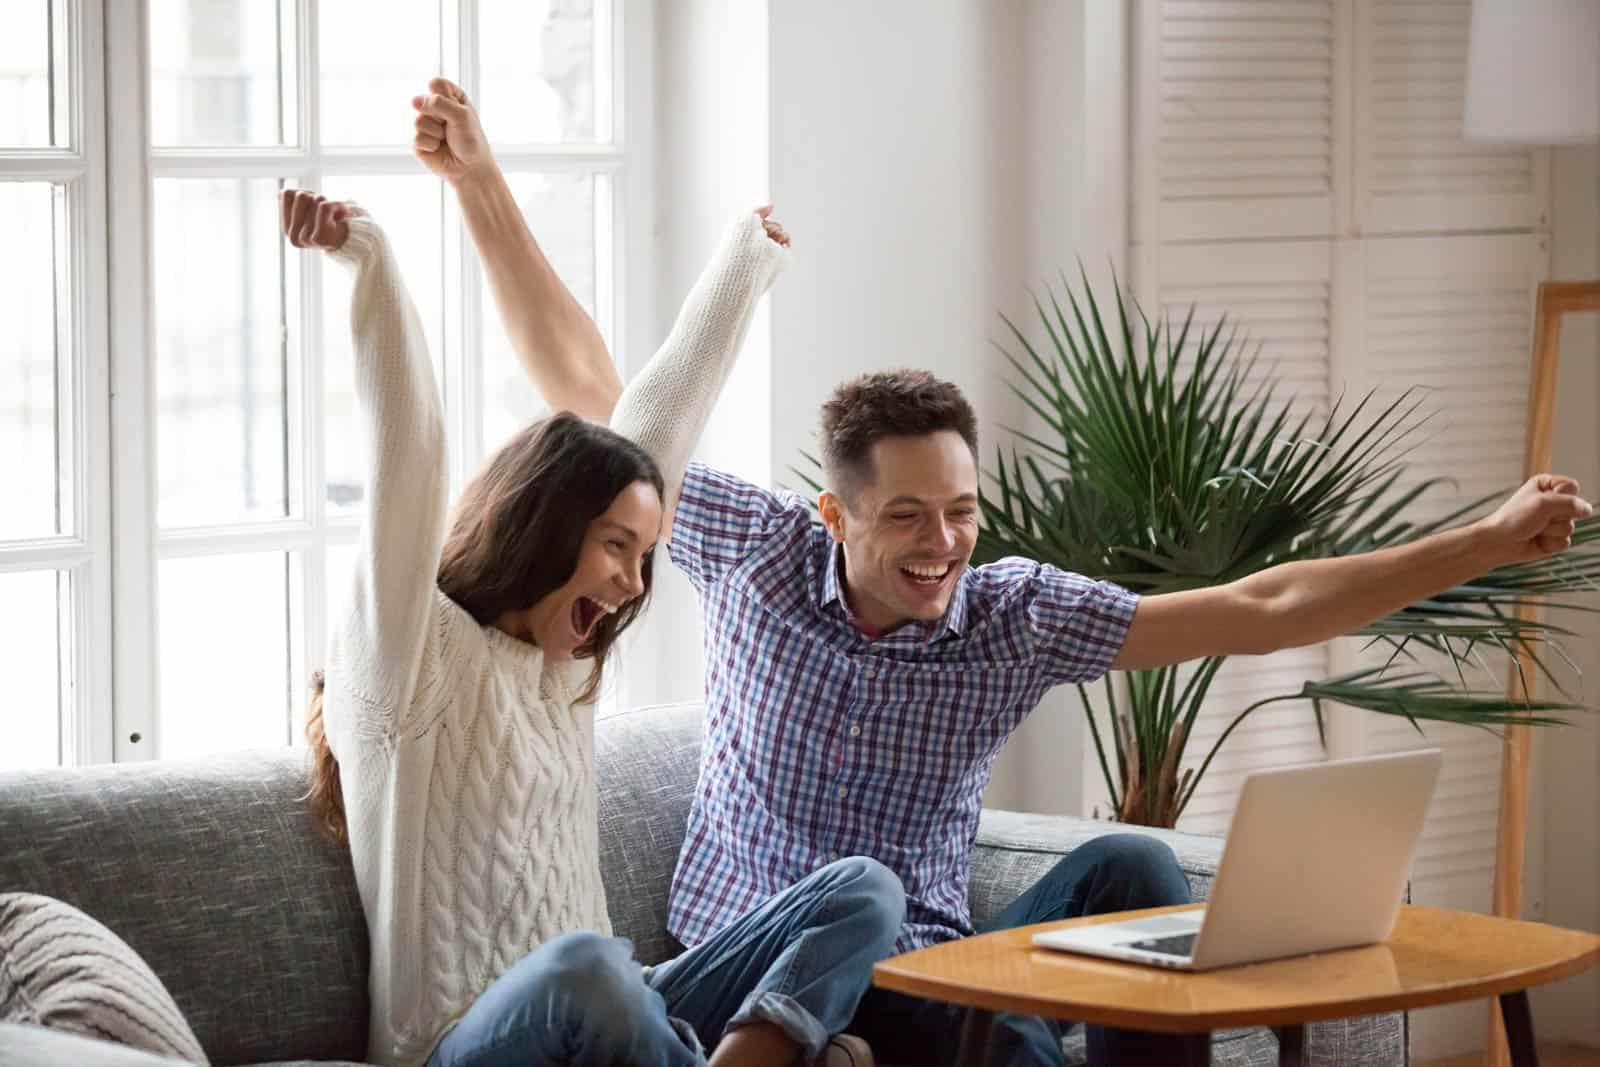 Бързи кредити online без трудов договор